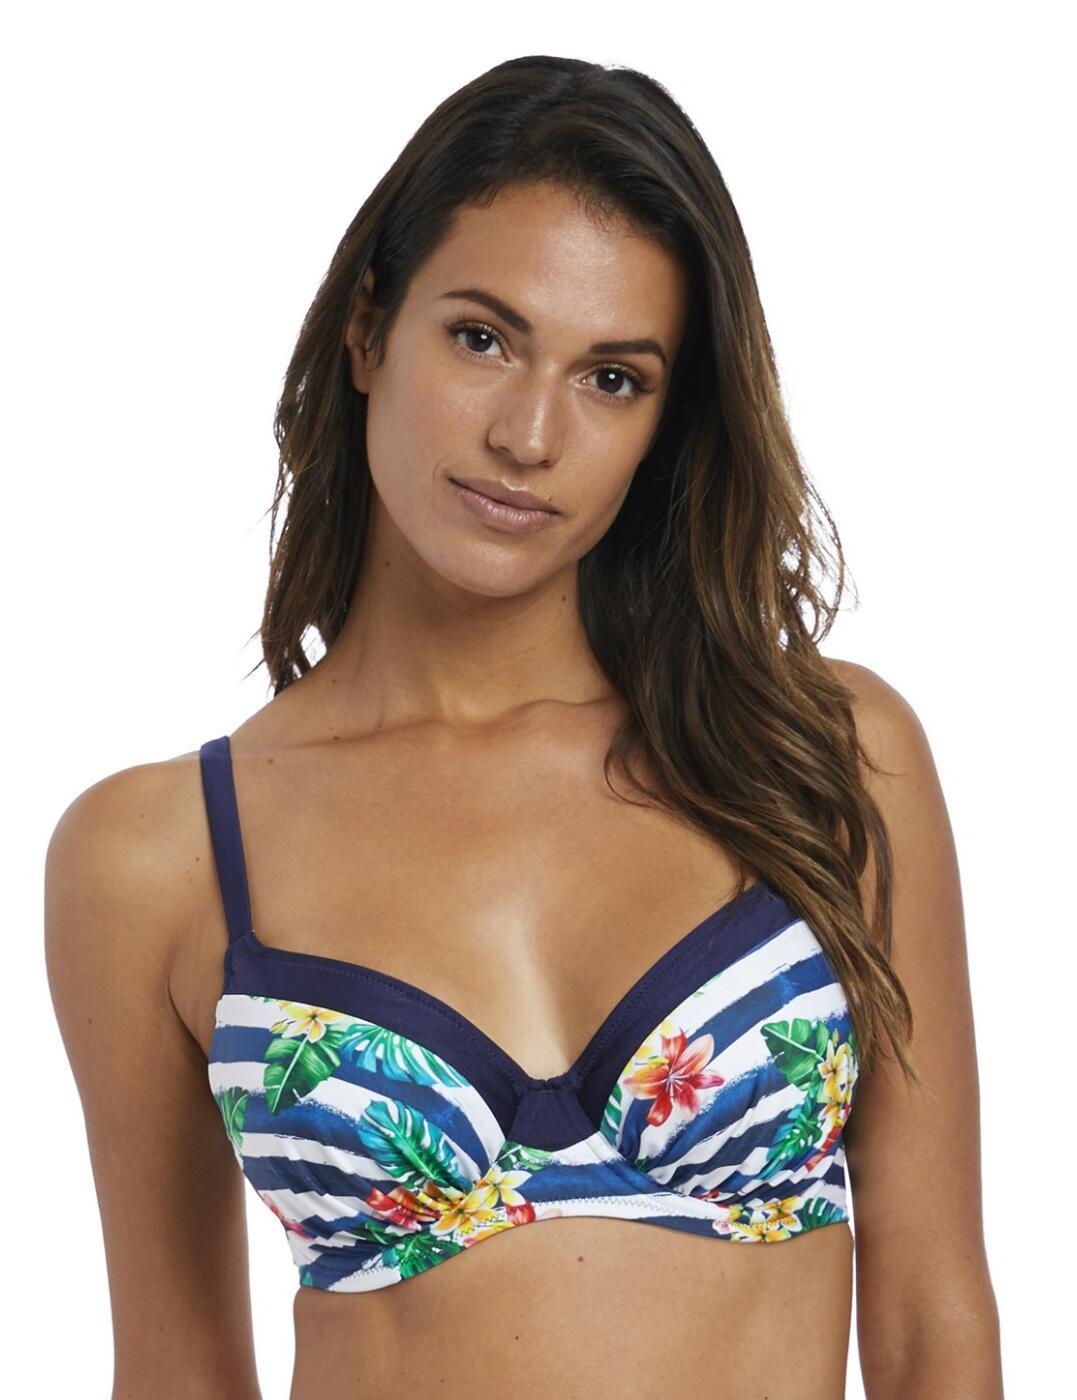 6670 Fantasie Porto Gathered Full Cup Bikini Top - 6670 Twilight